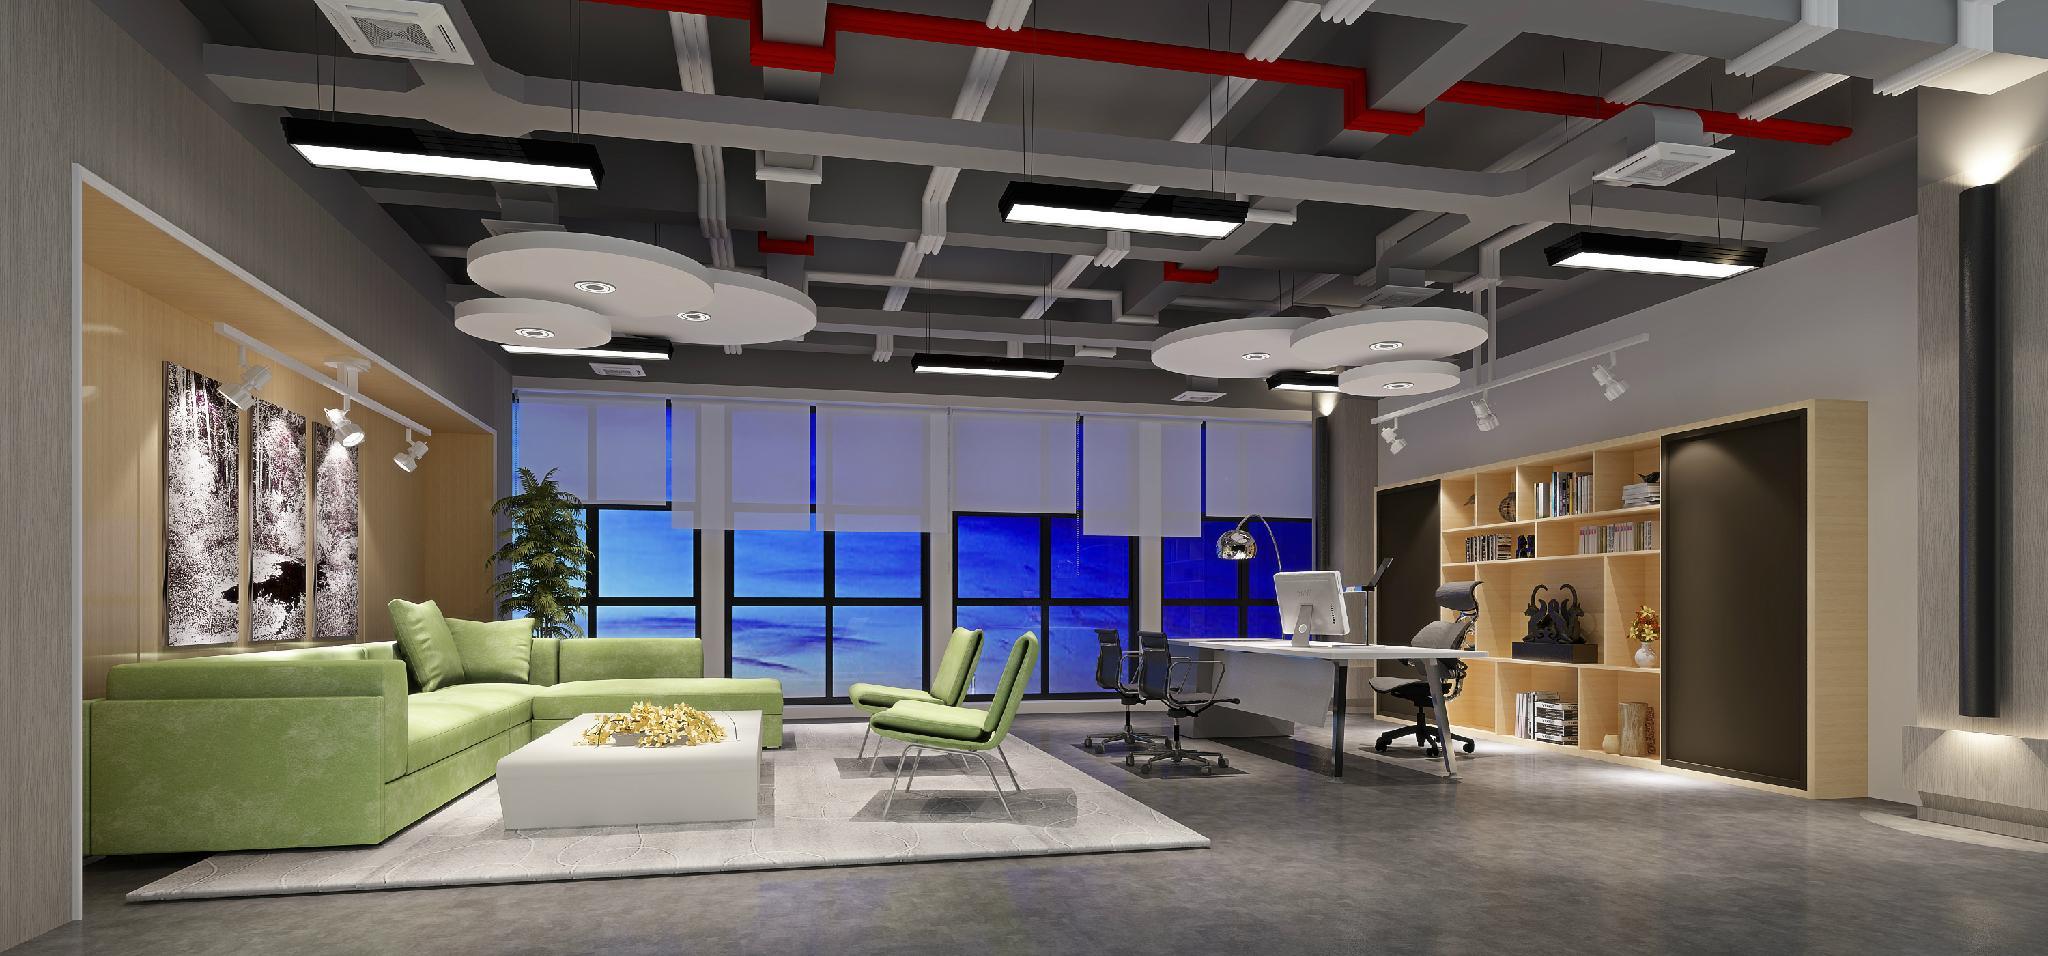 崑山辦公傢具展廳筆記本模型 電腦模型 11